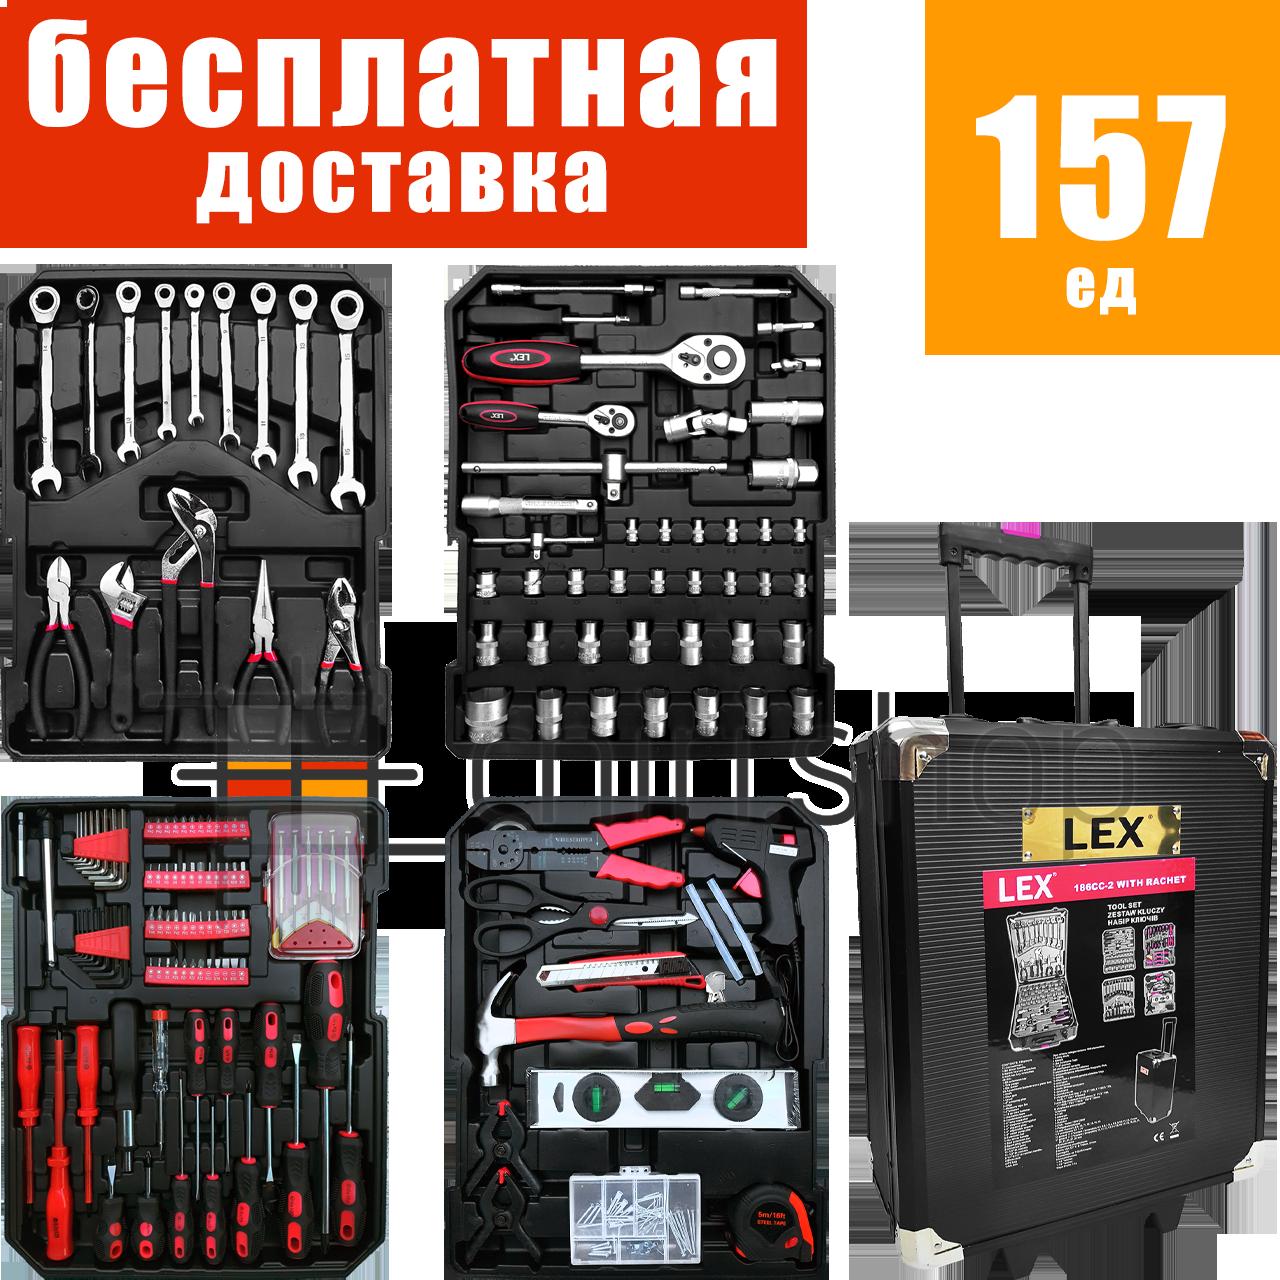 Набор инструментов в чемодане 157 предметов LEX 186CC-2, набор ключей и отвёрток, инструменты для дома